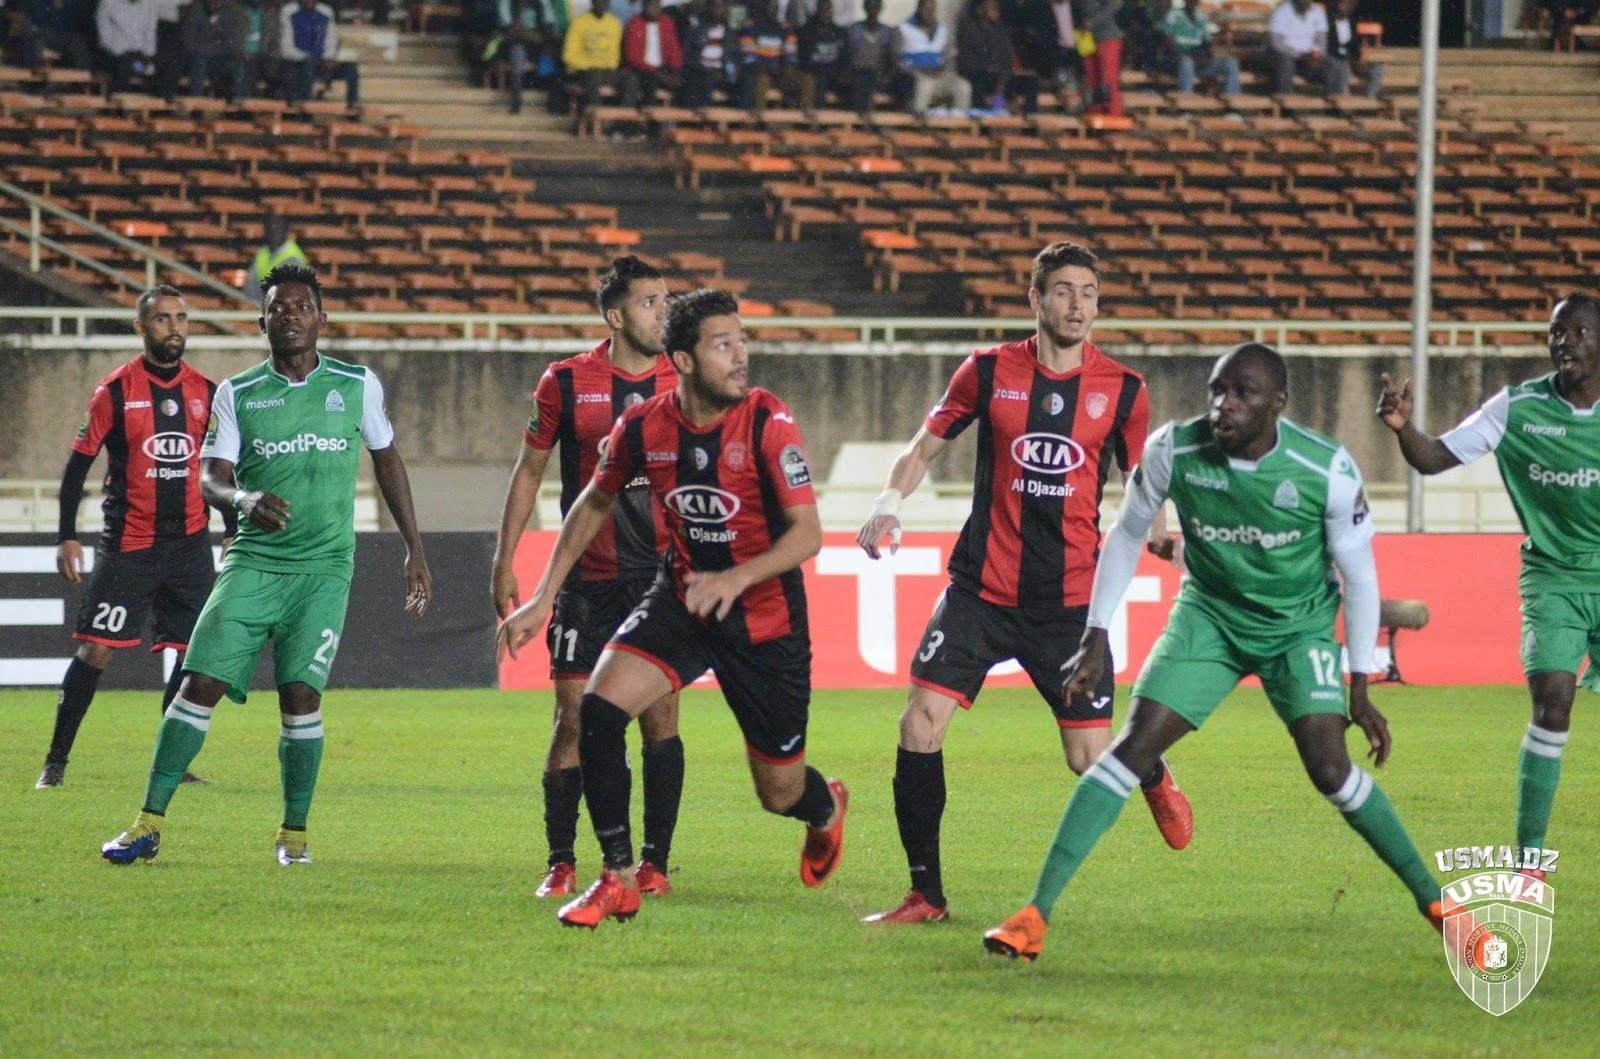 نتيجة مباراة اتحاد الجزائر وغور ماهيا اليوم الأحد 29/09/2019 دوري أبطال أفريقيا